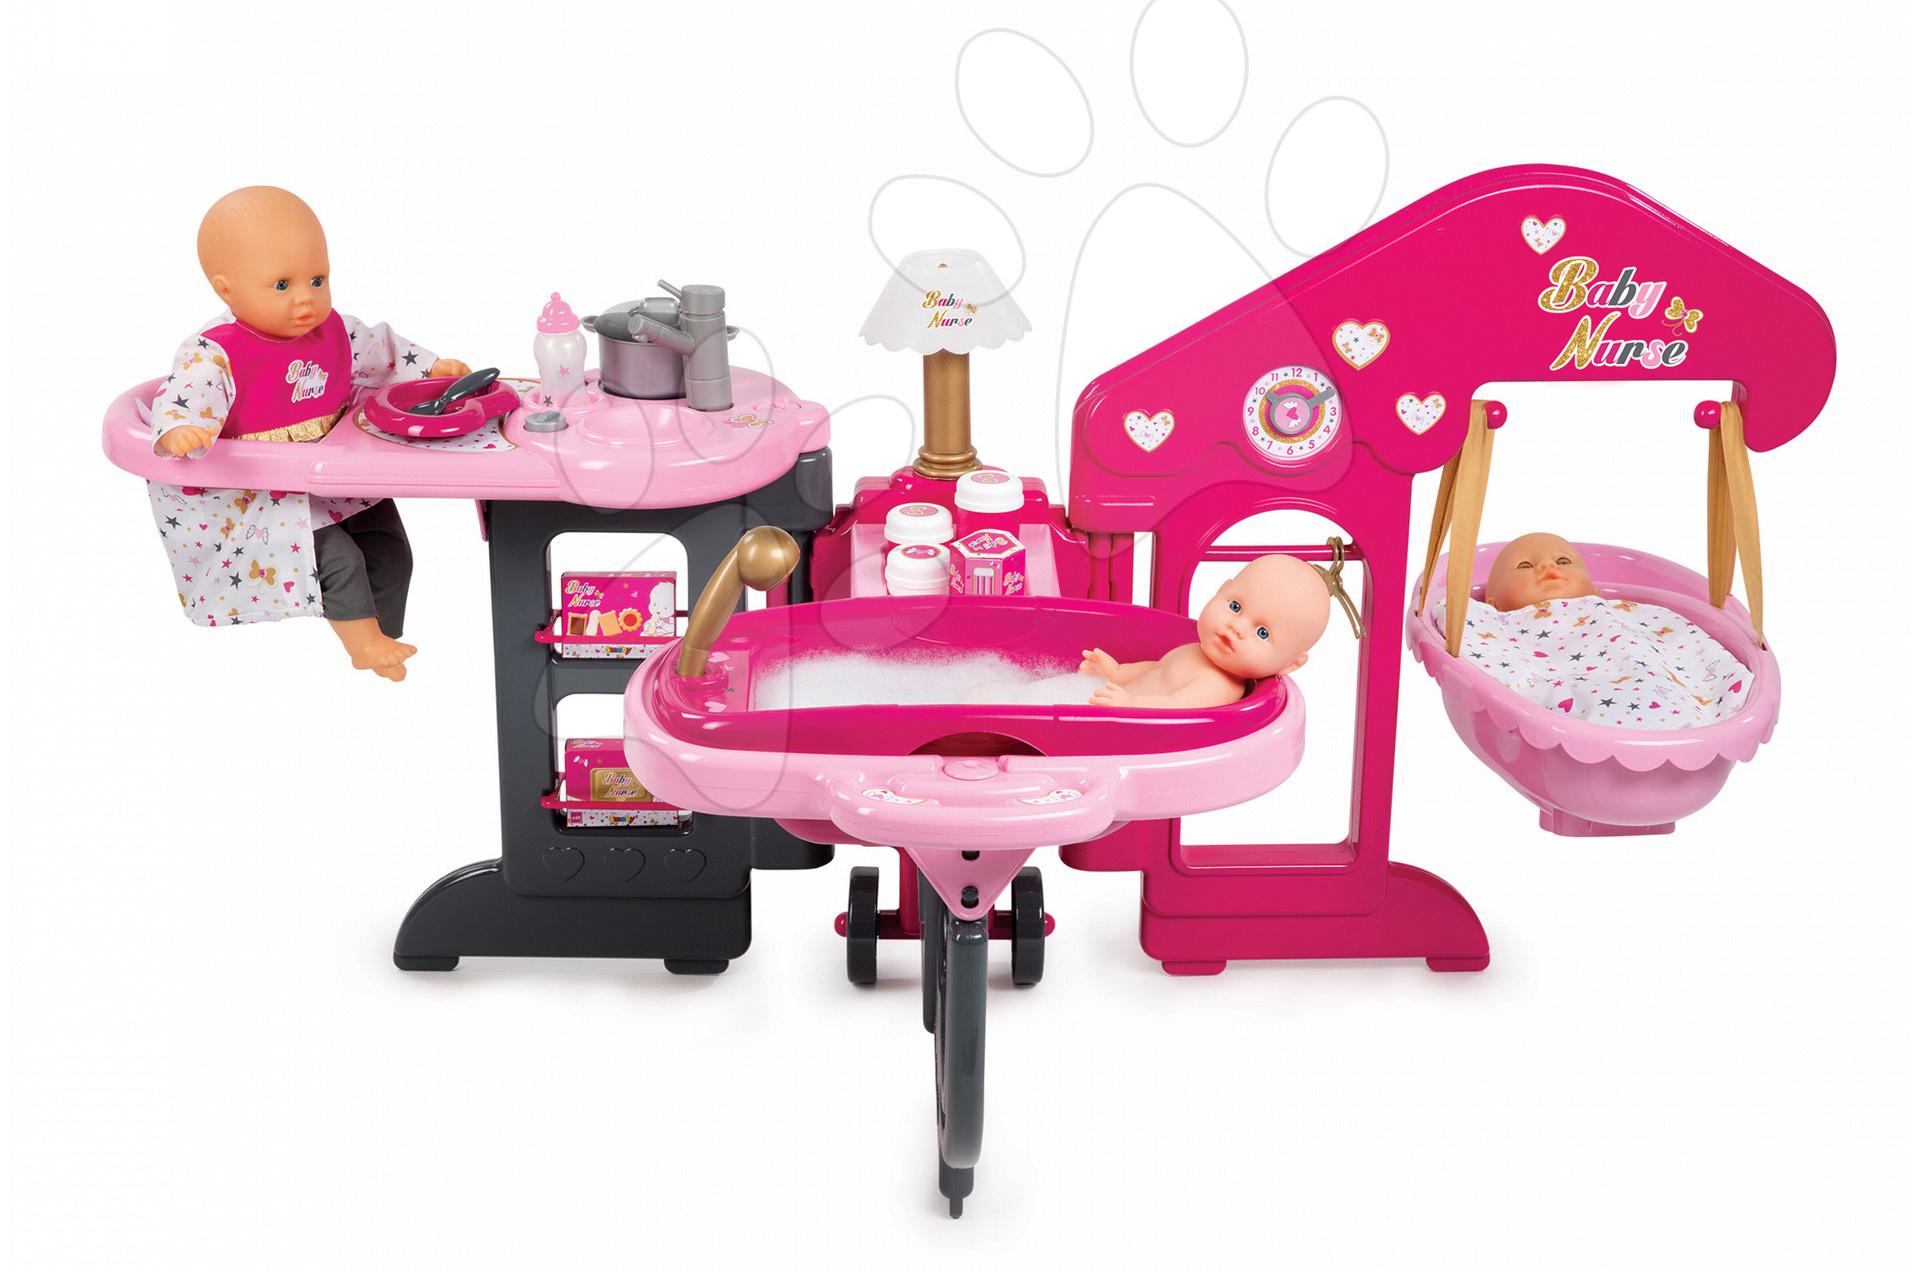 Domeček pro panenku Baby Nurse Zlatá edice Smoby trojkřídlý s 13 doplňky